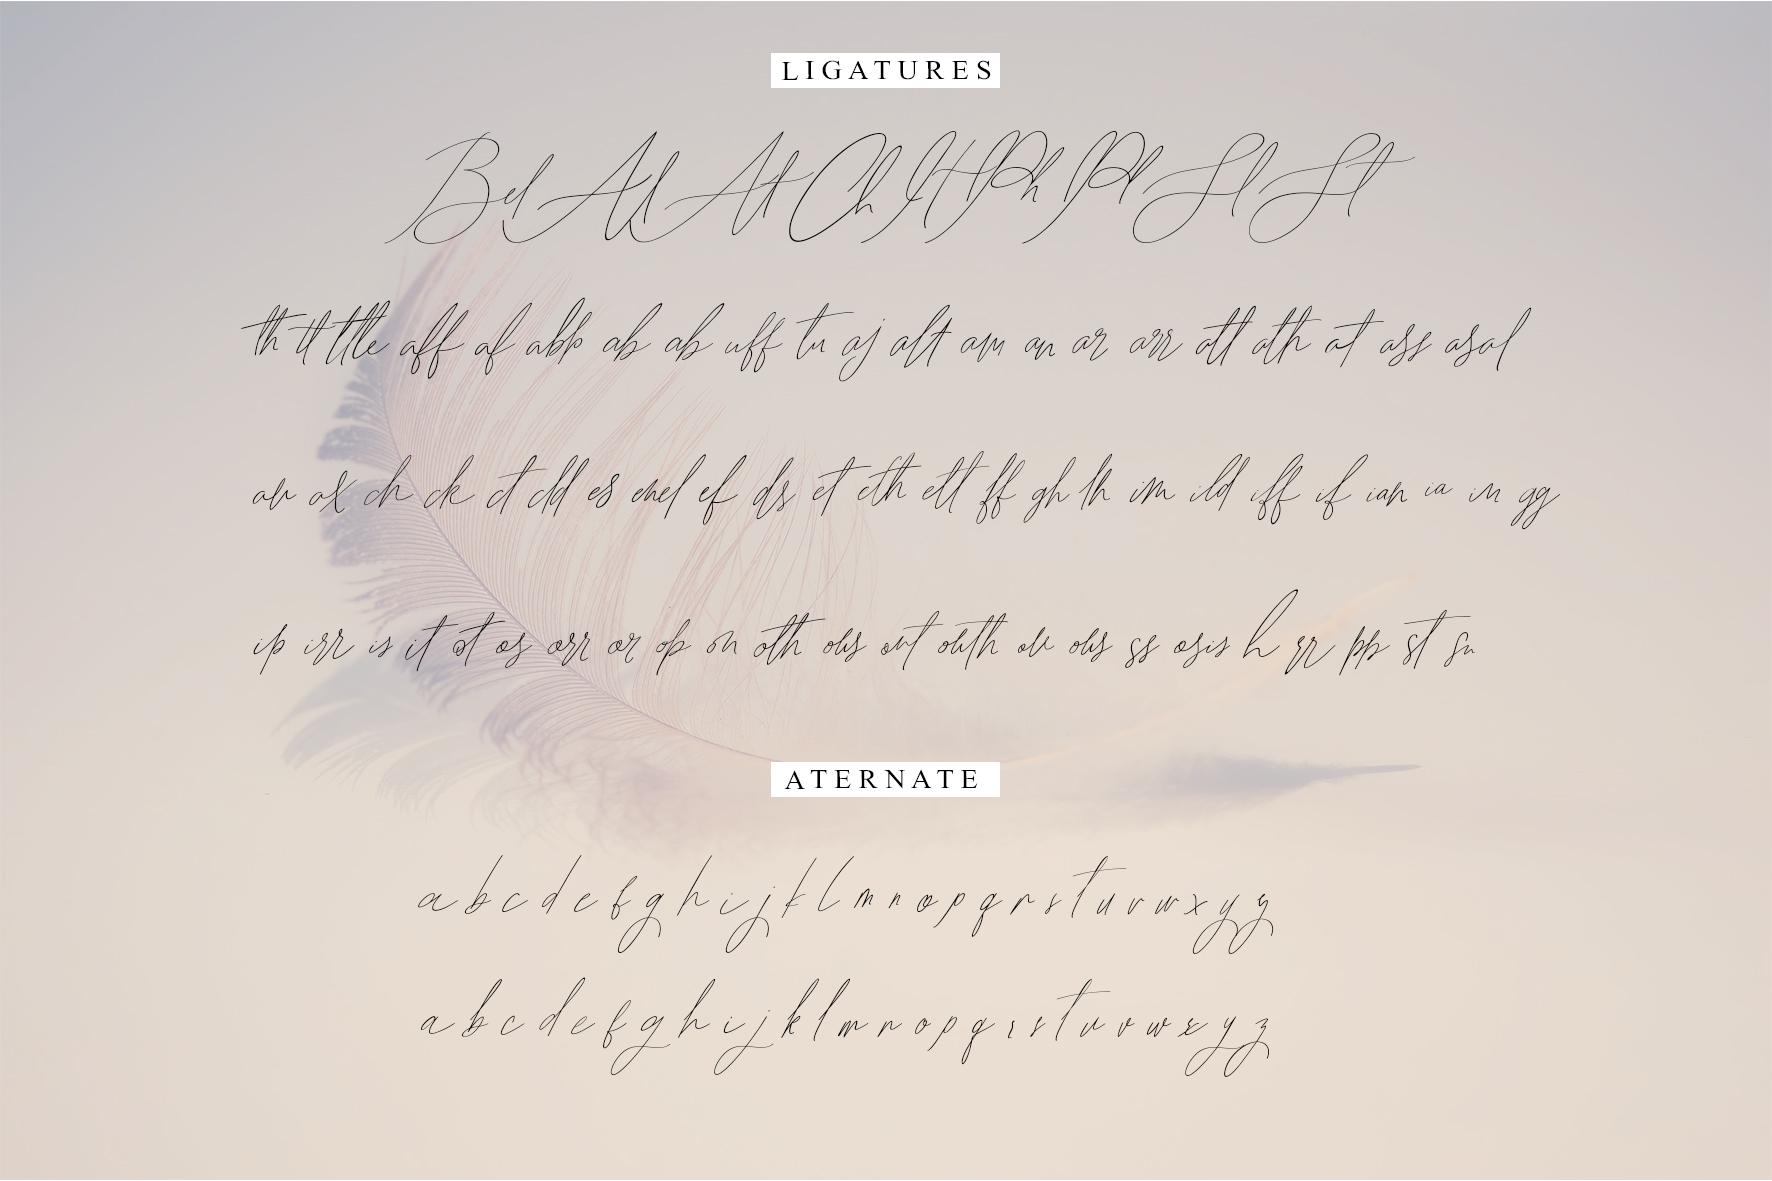 A NEW Bahytsah example image 7